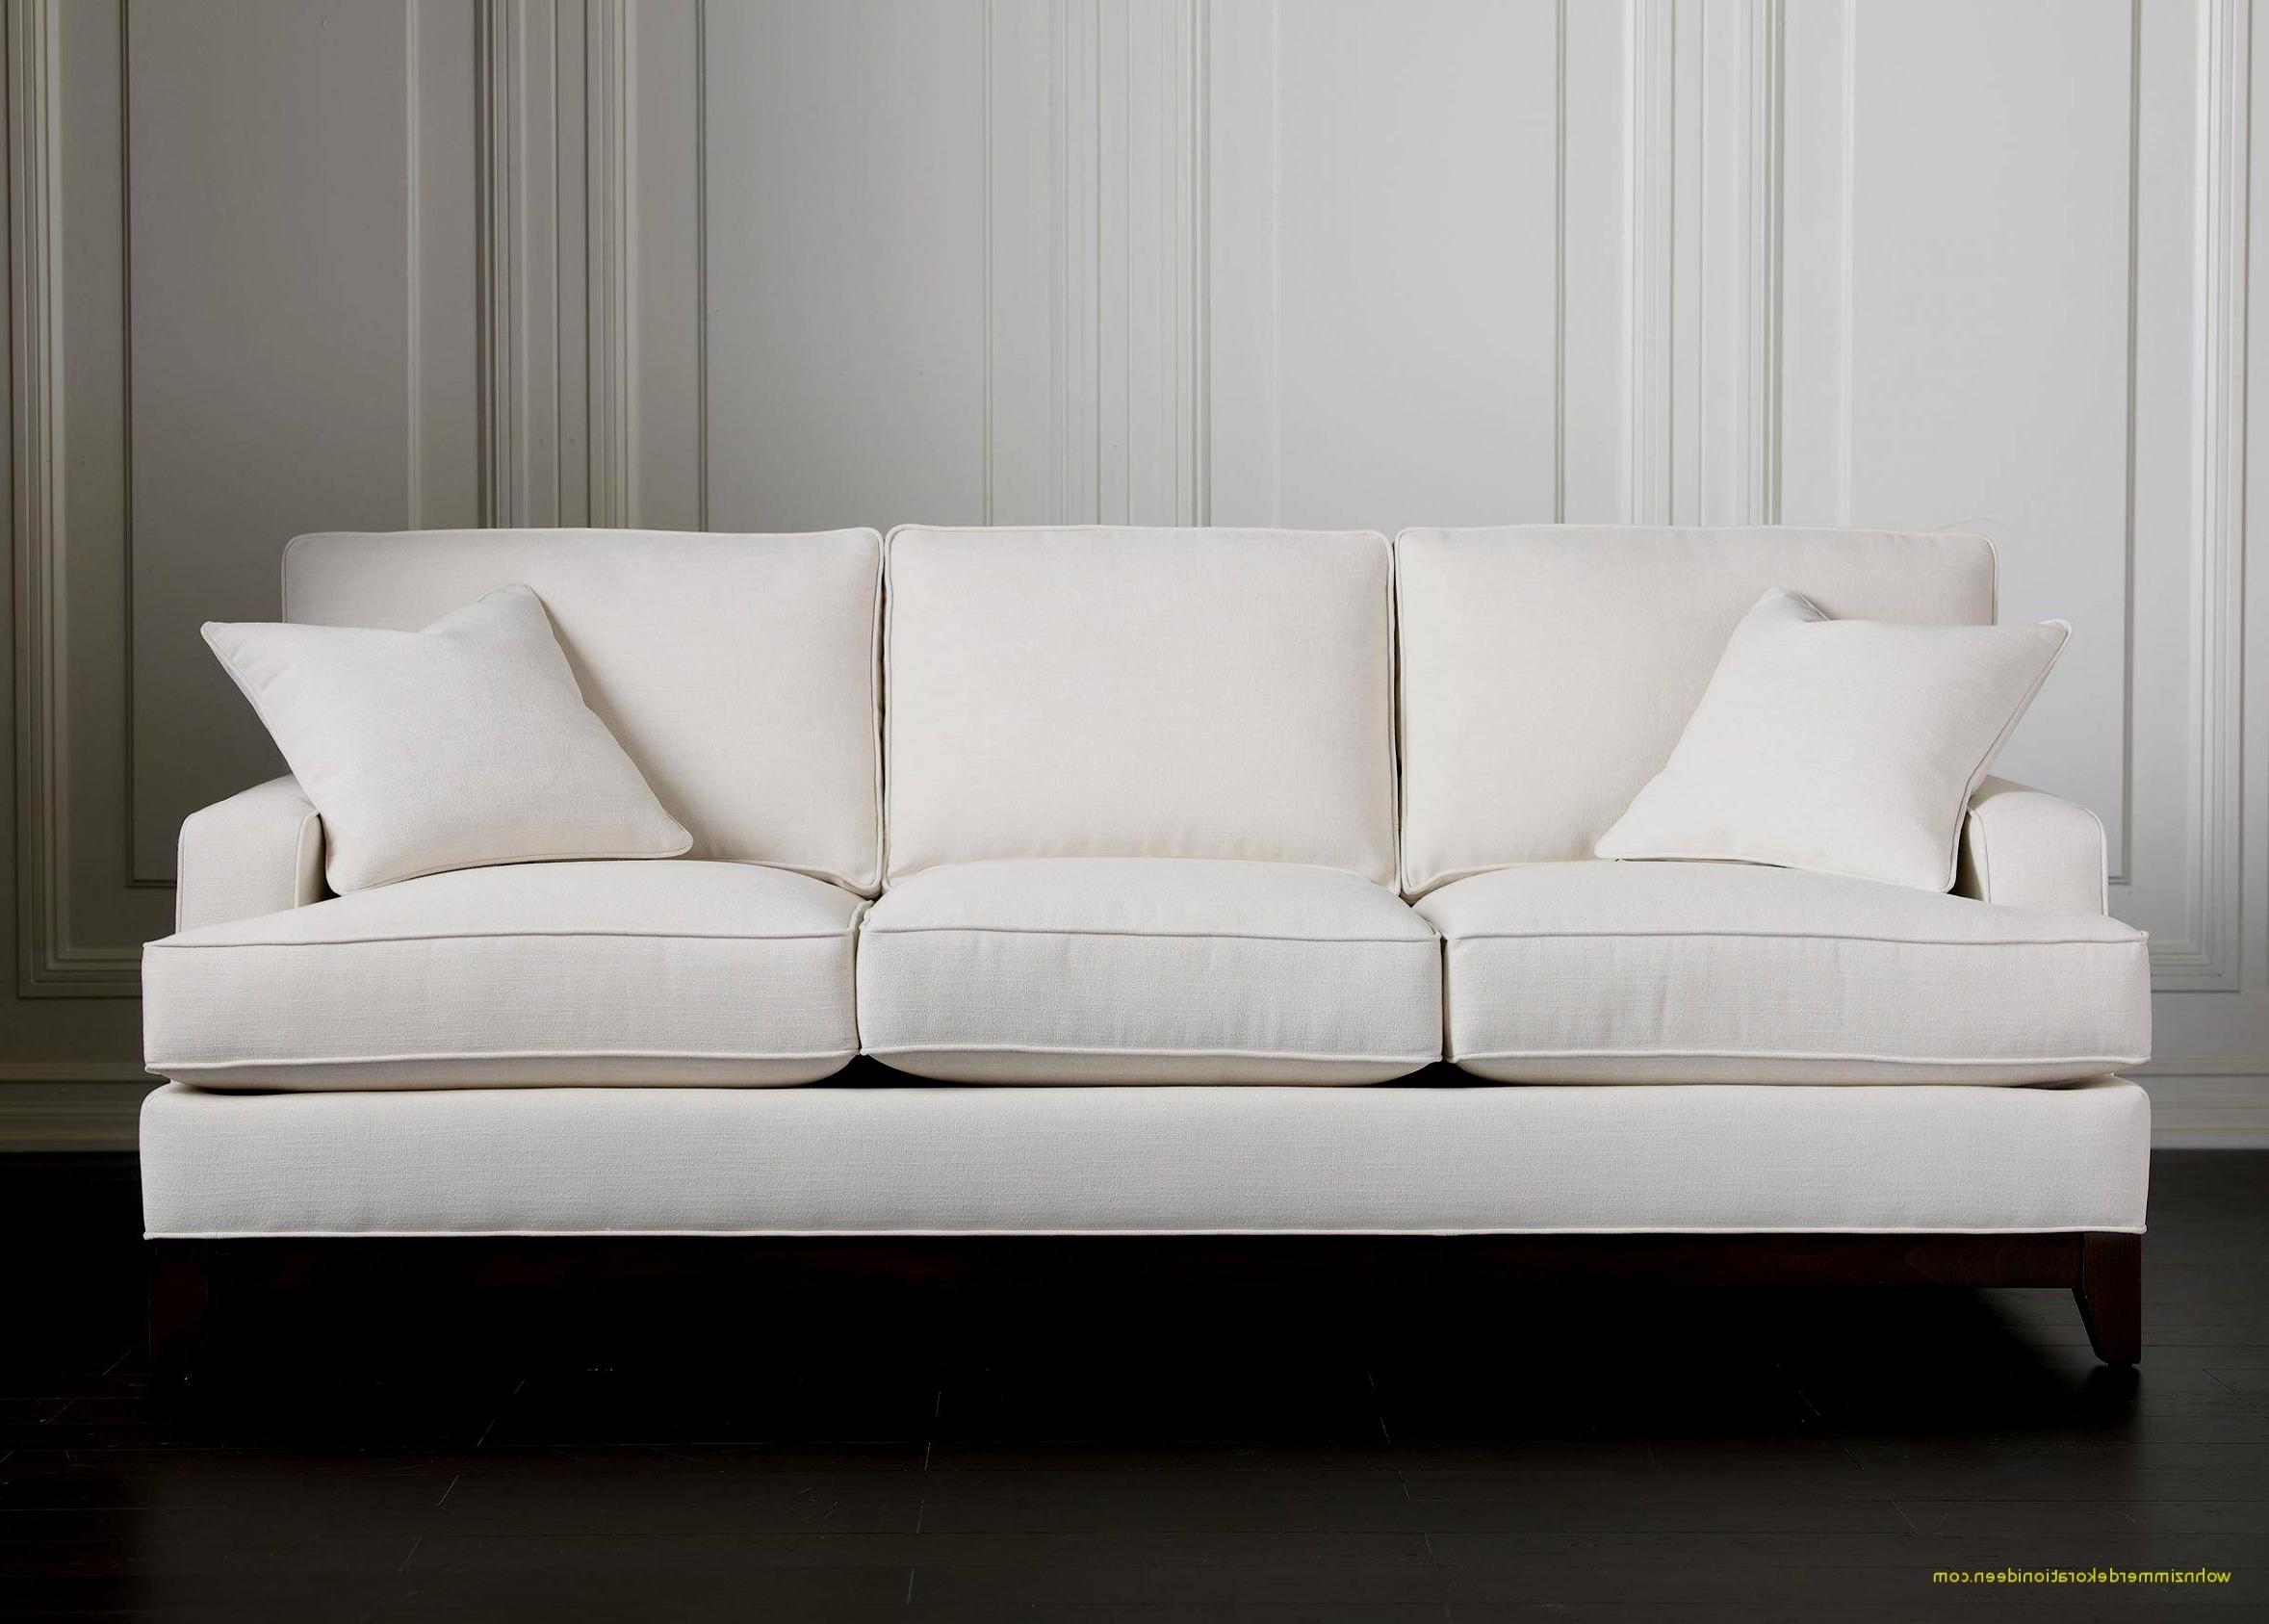 Sofas Modulares Conforama U3dh sofas Modulares Conforama Vaste Mejor Valorados Retratos Ikea